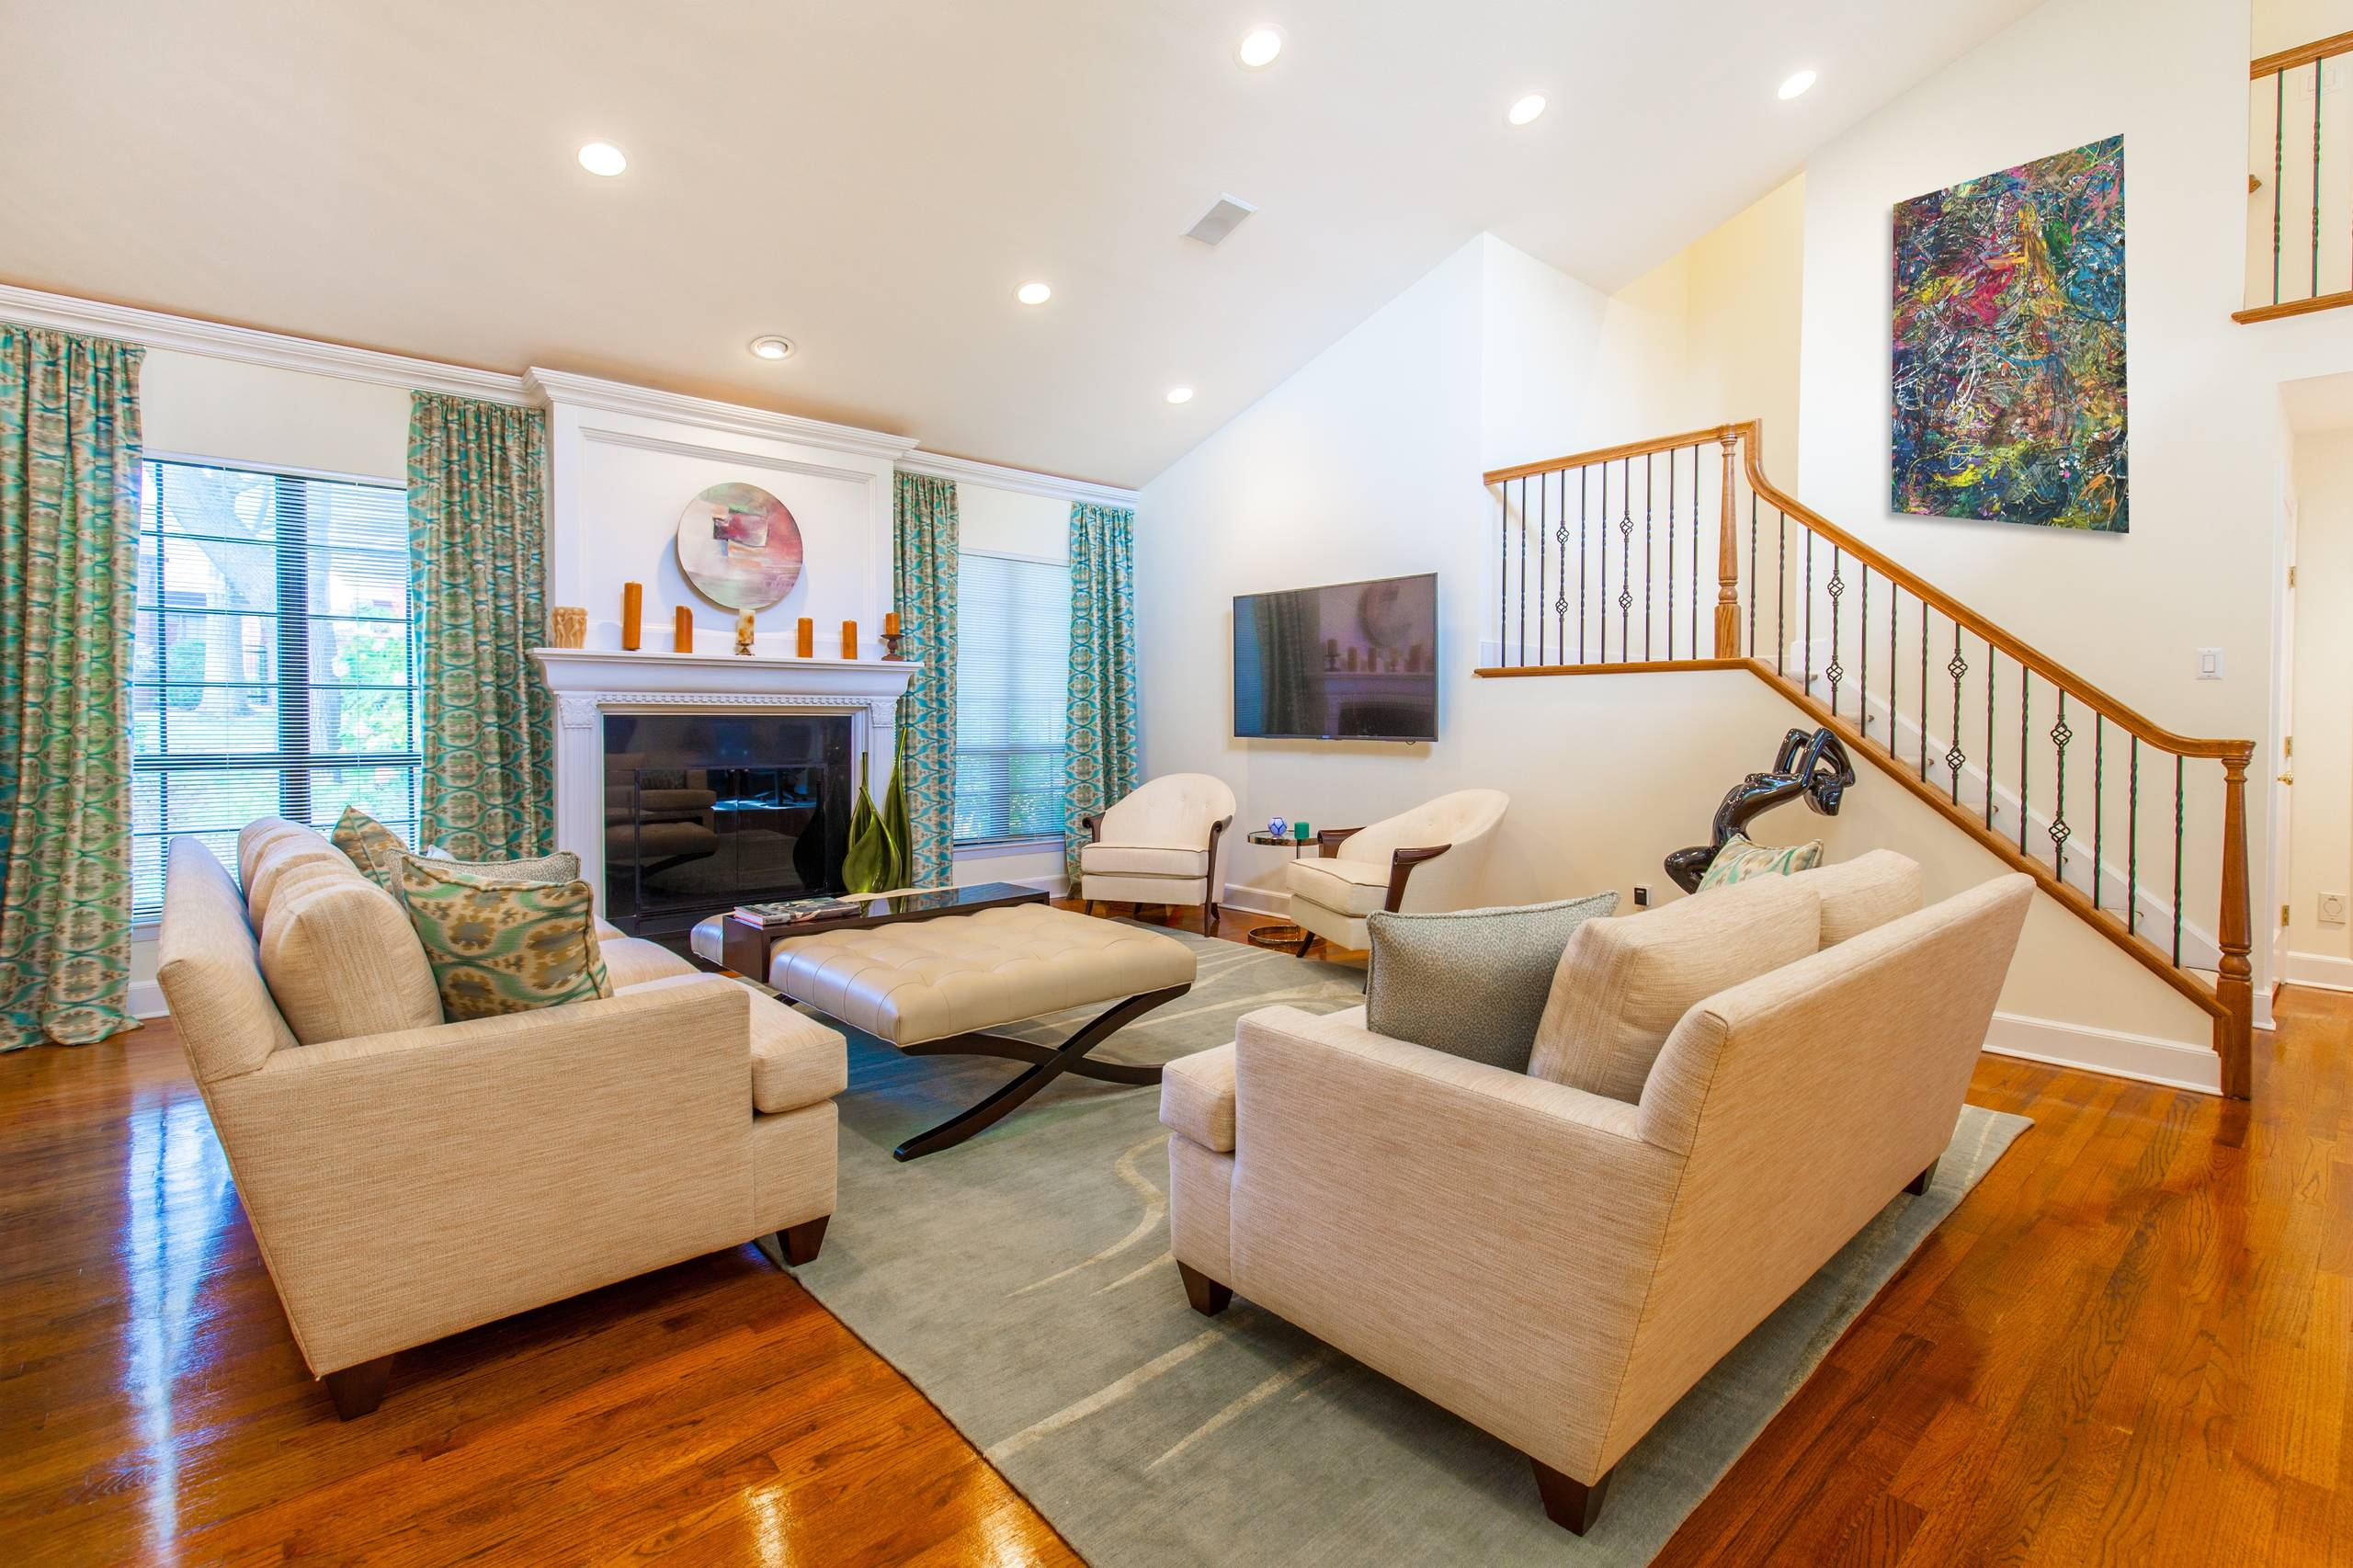 Manhasset Contemporary Home Remodel